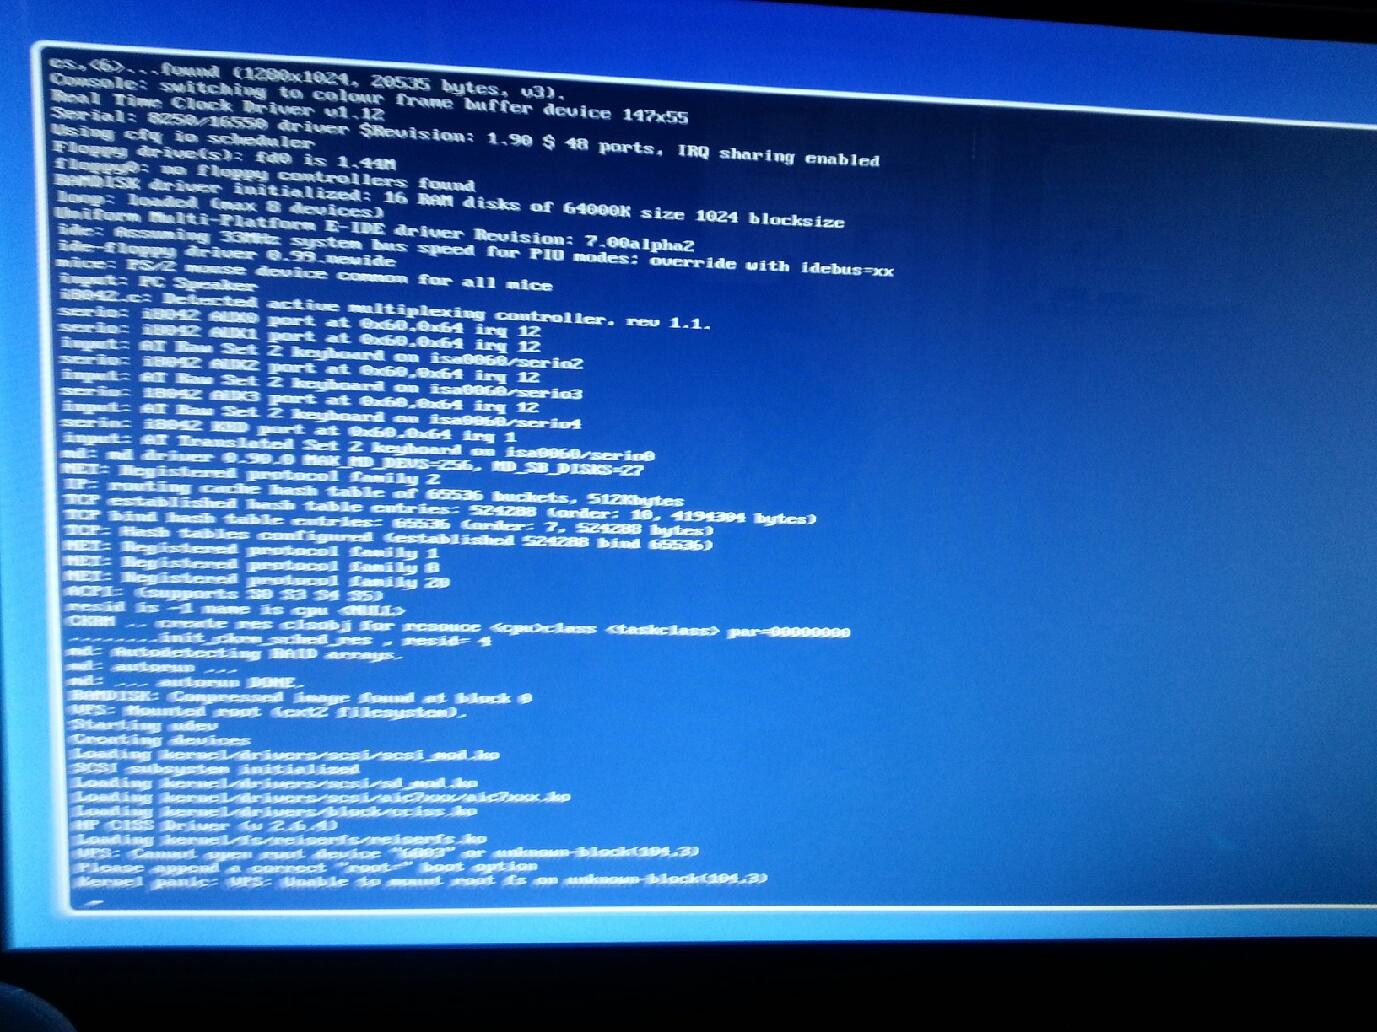 Error message after cloning Linux server